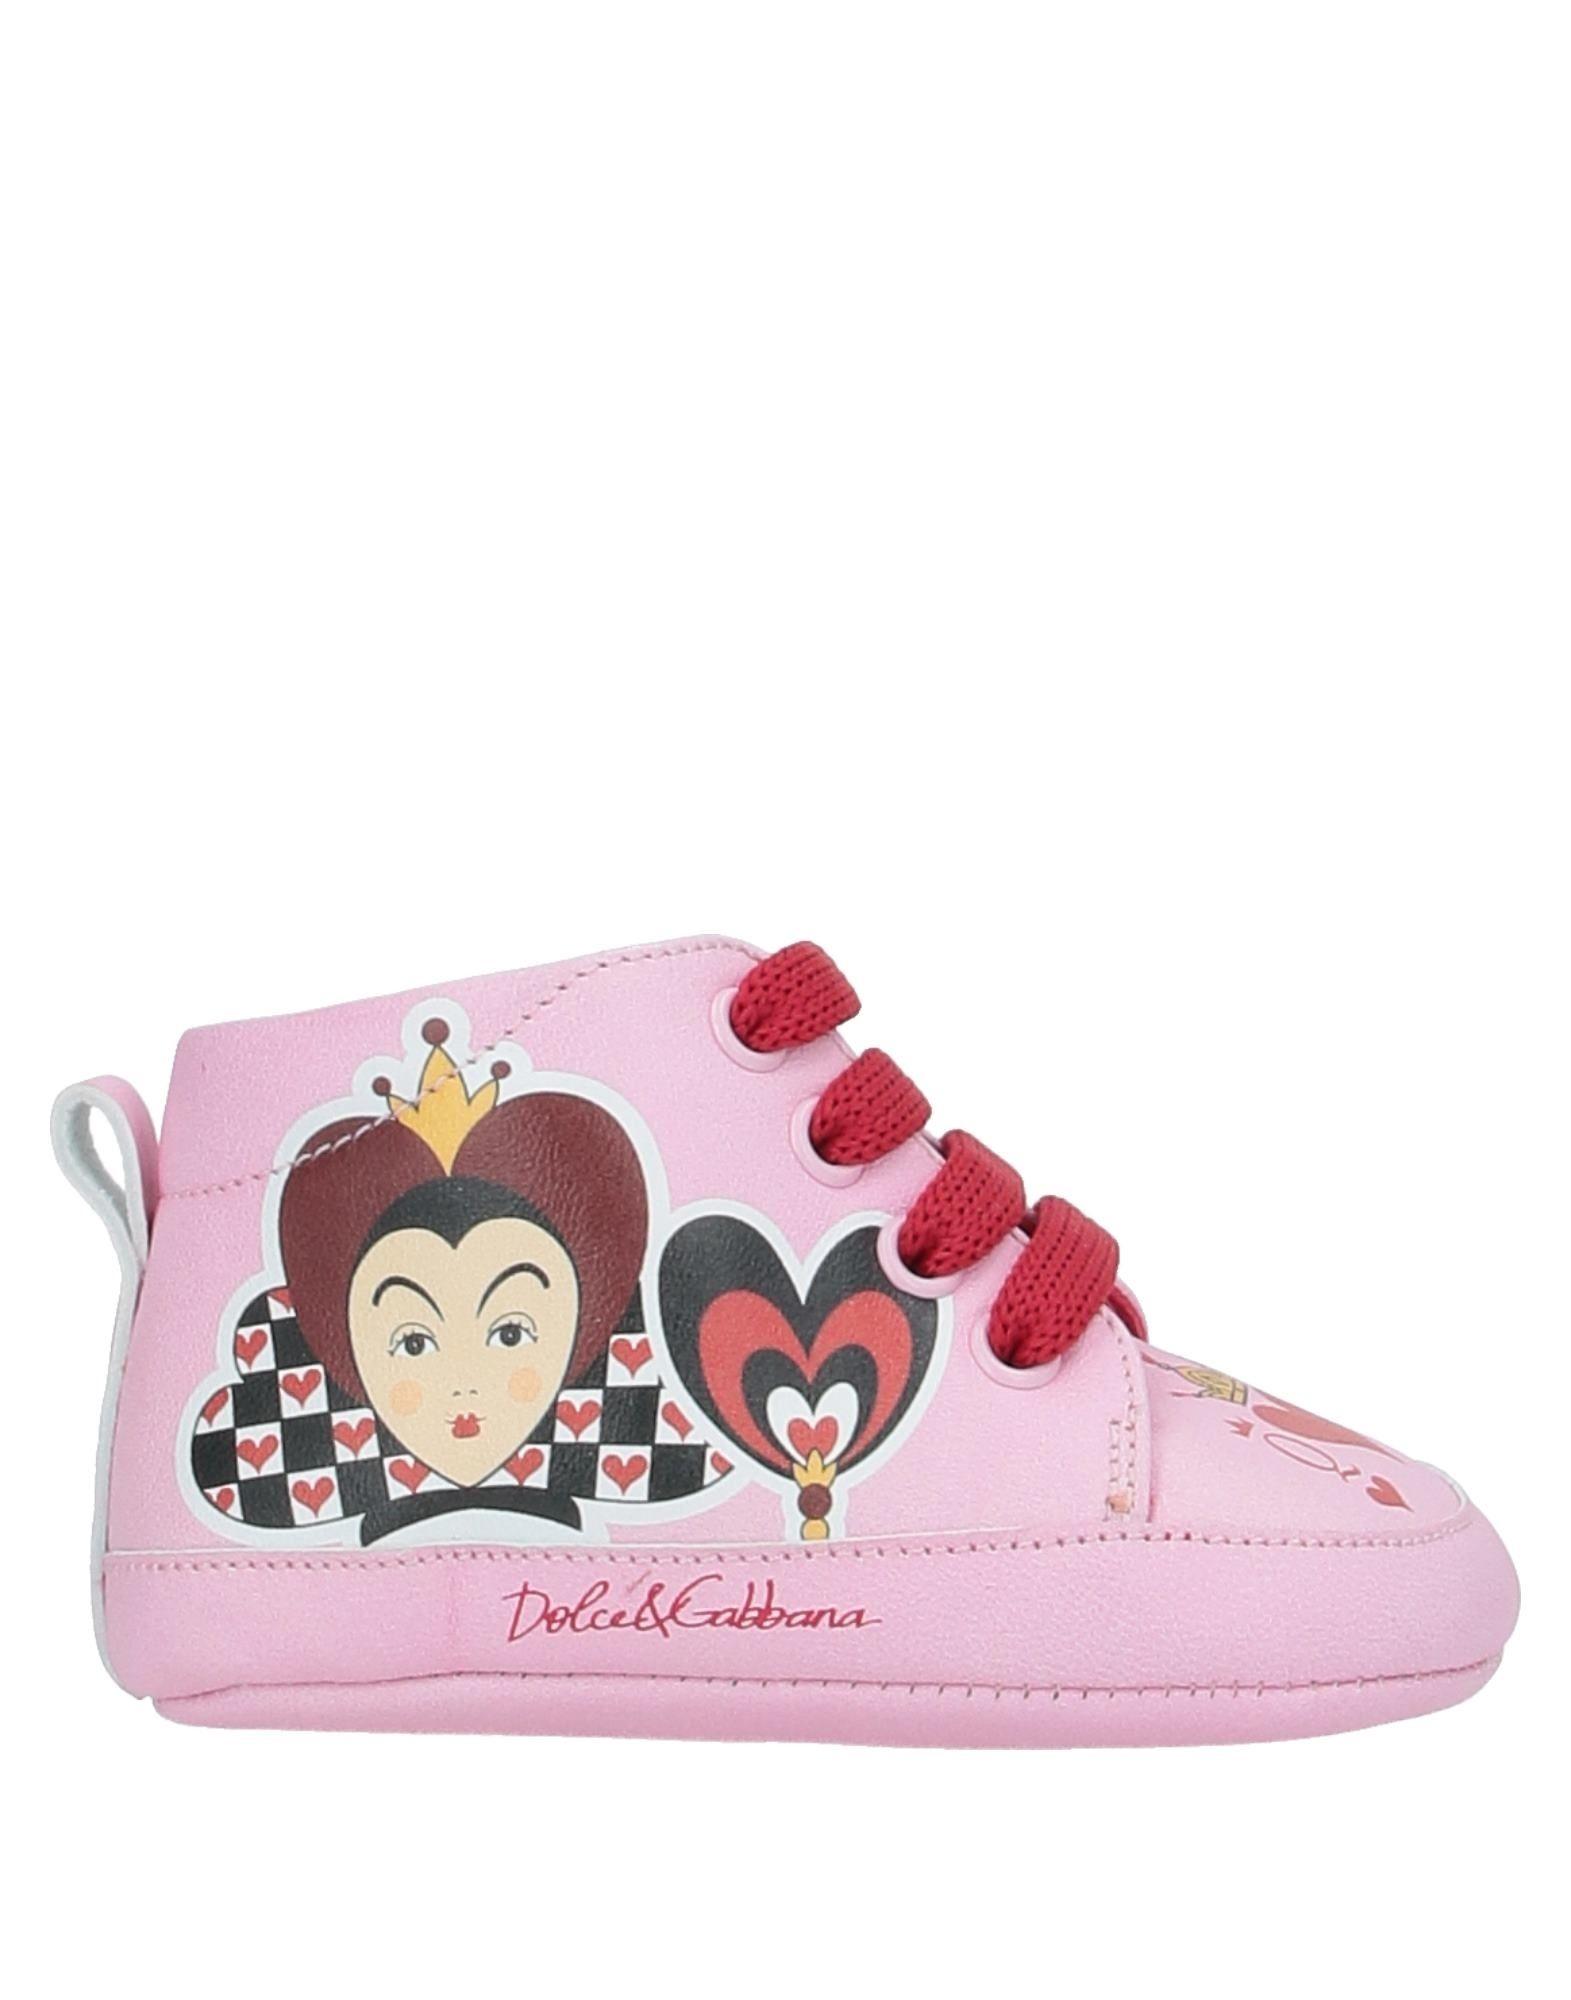 Фото - DOLCE & GABBANA Обувь для новорожденных одеяло конверт dolce bambino dolce blanket для новорожденных белый av71204